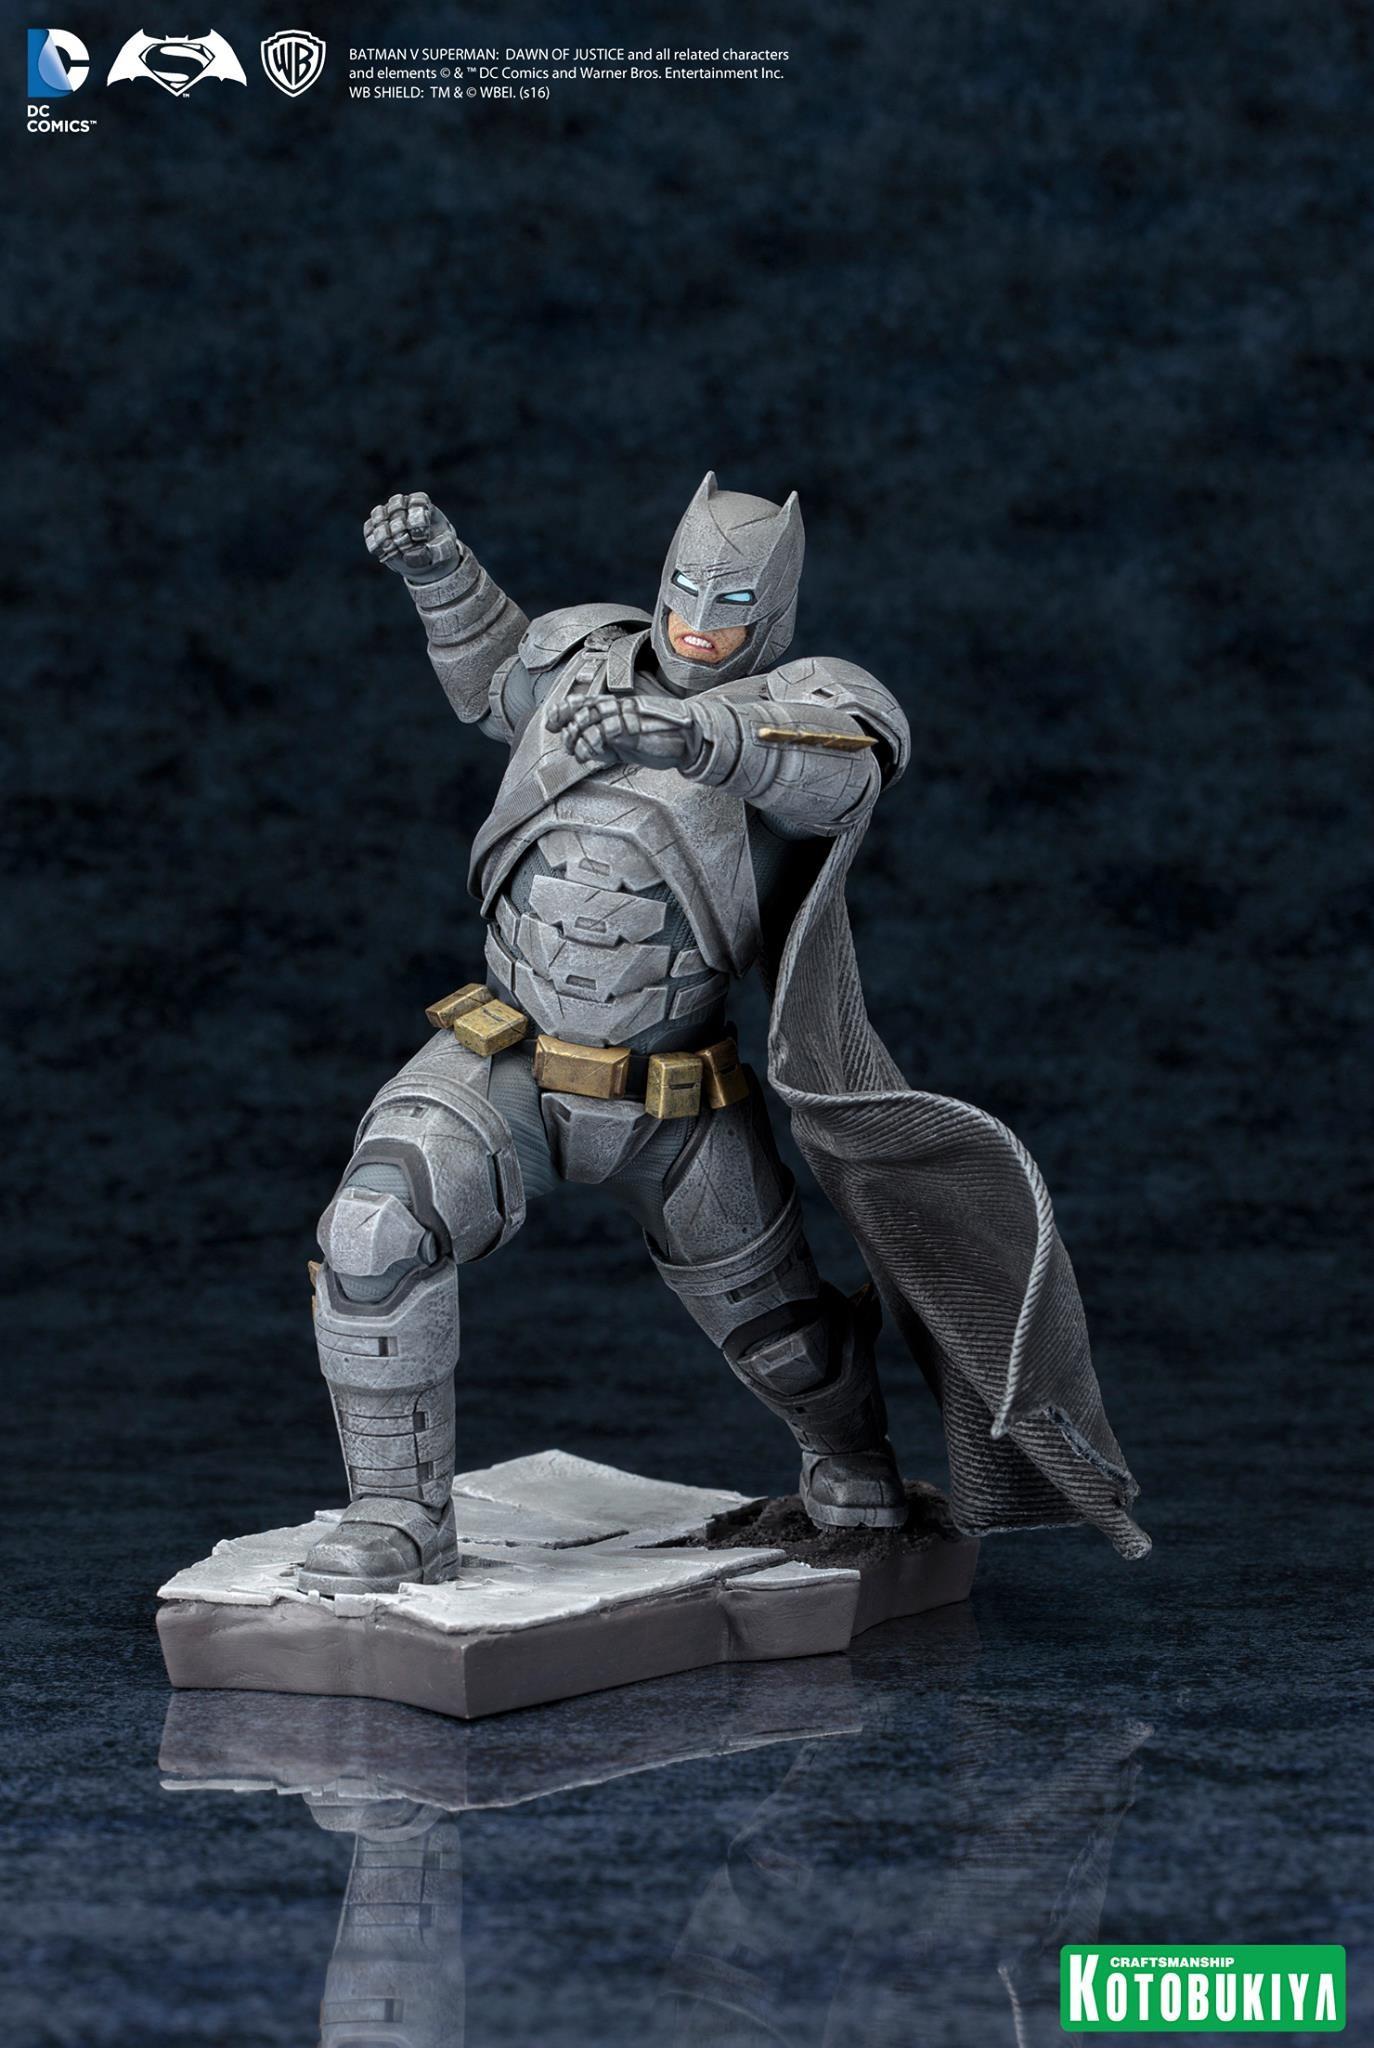 BvS Dawn of Justice Batman ARTFX+